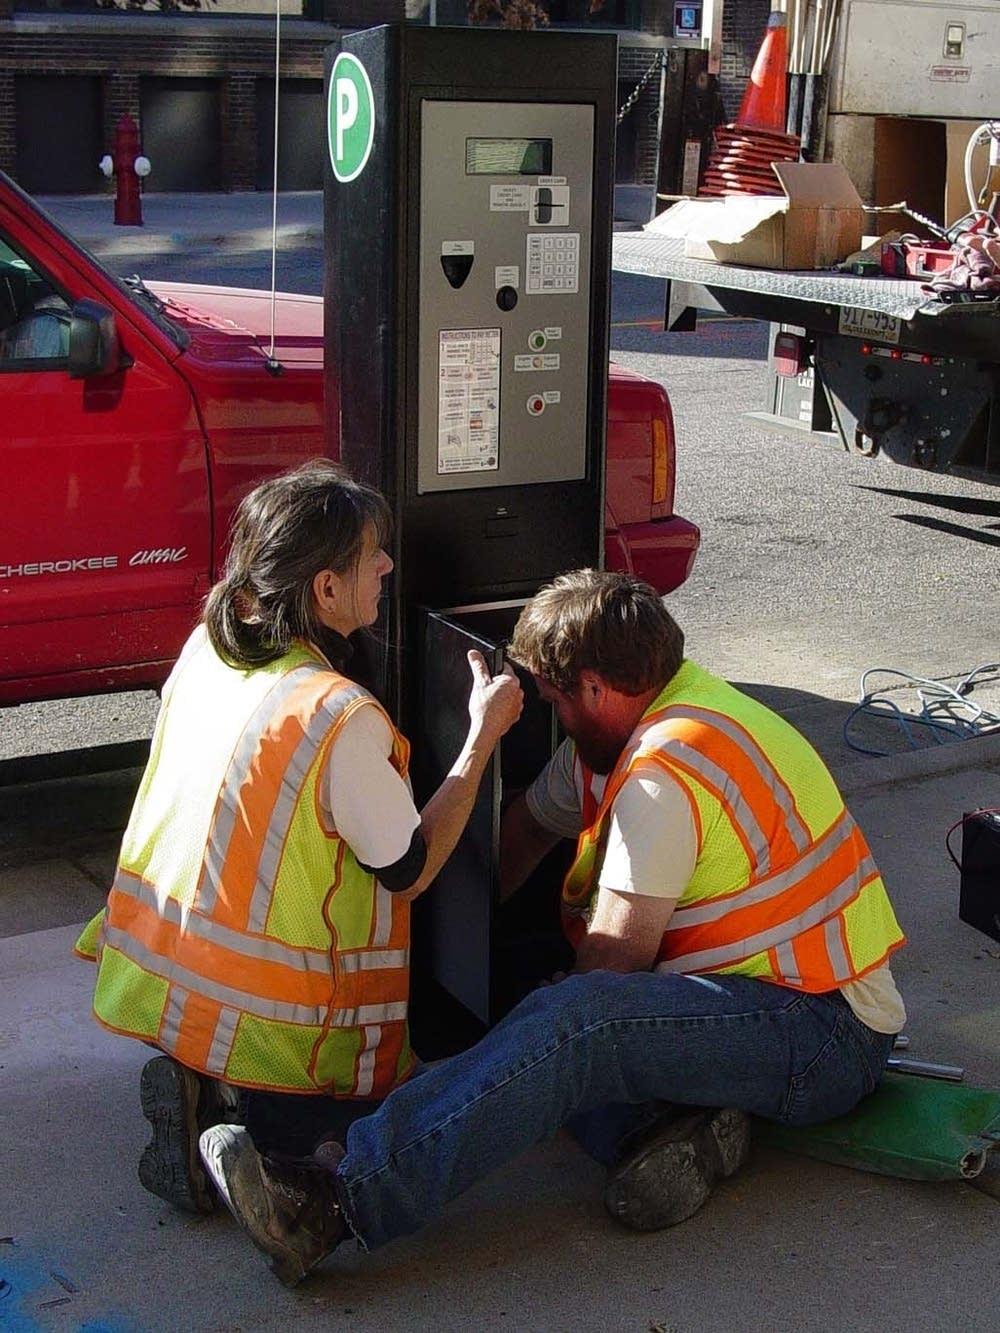 New parking meter